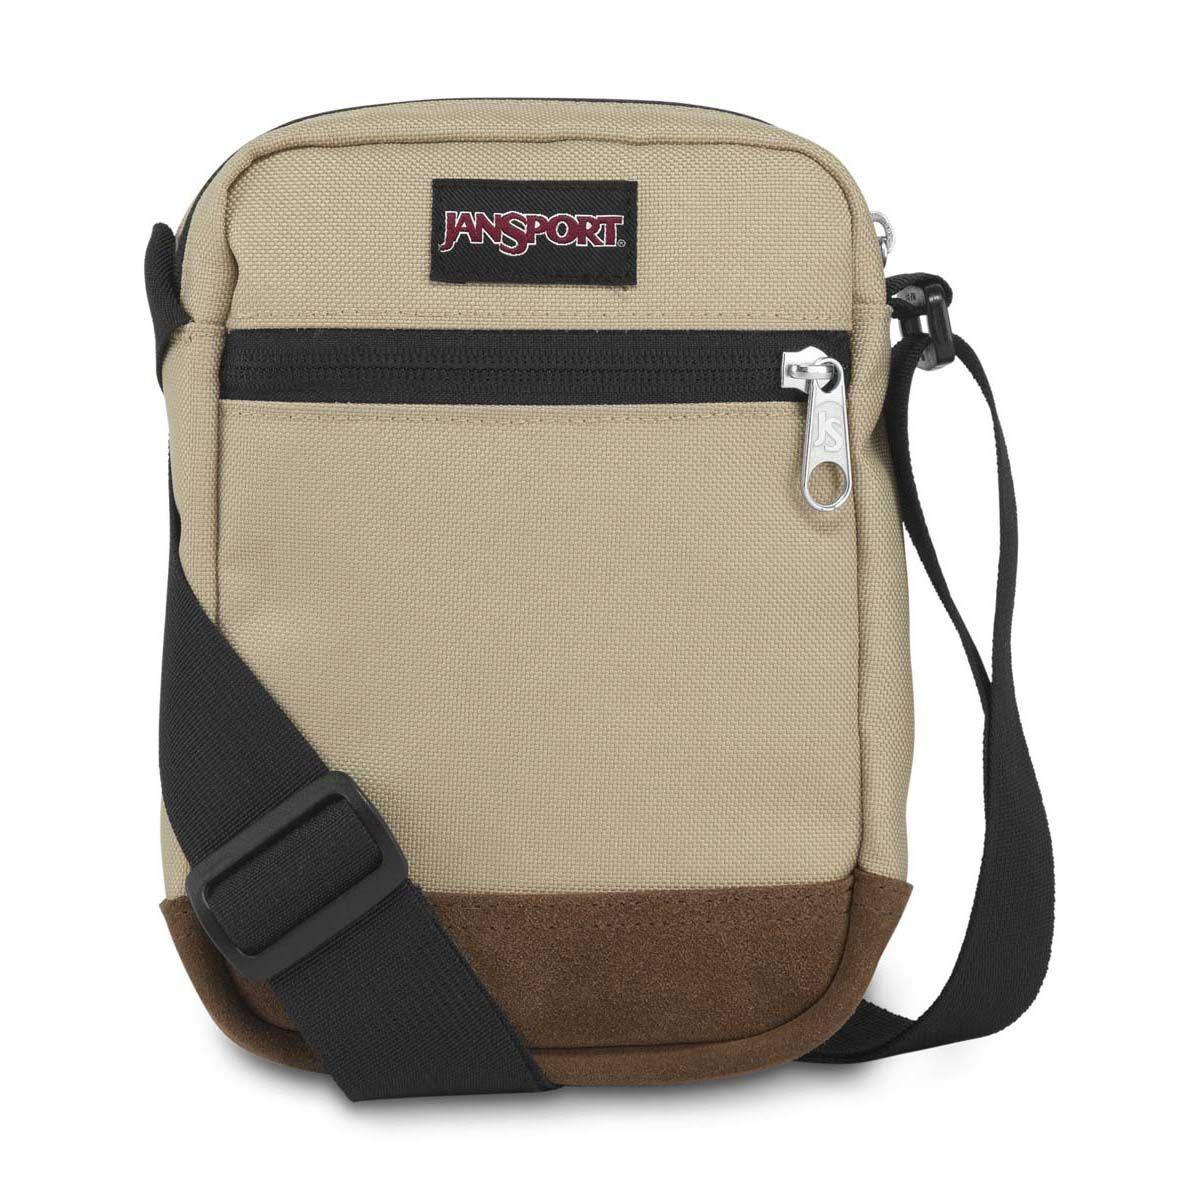 JanSport Weekender Suede Mini Bag in Oyster